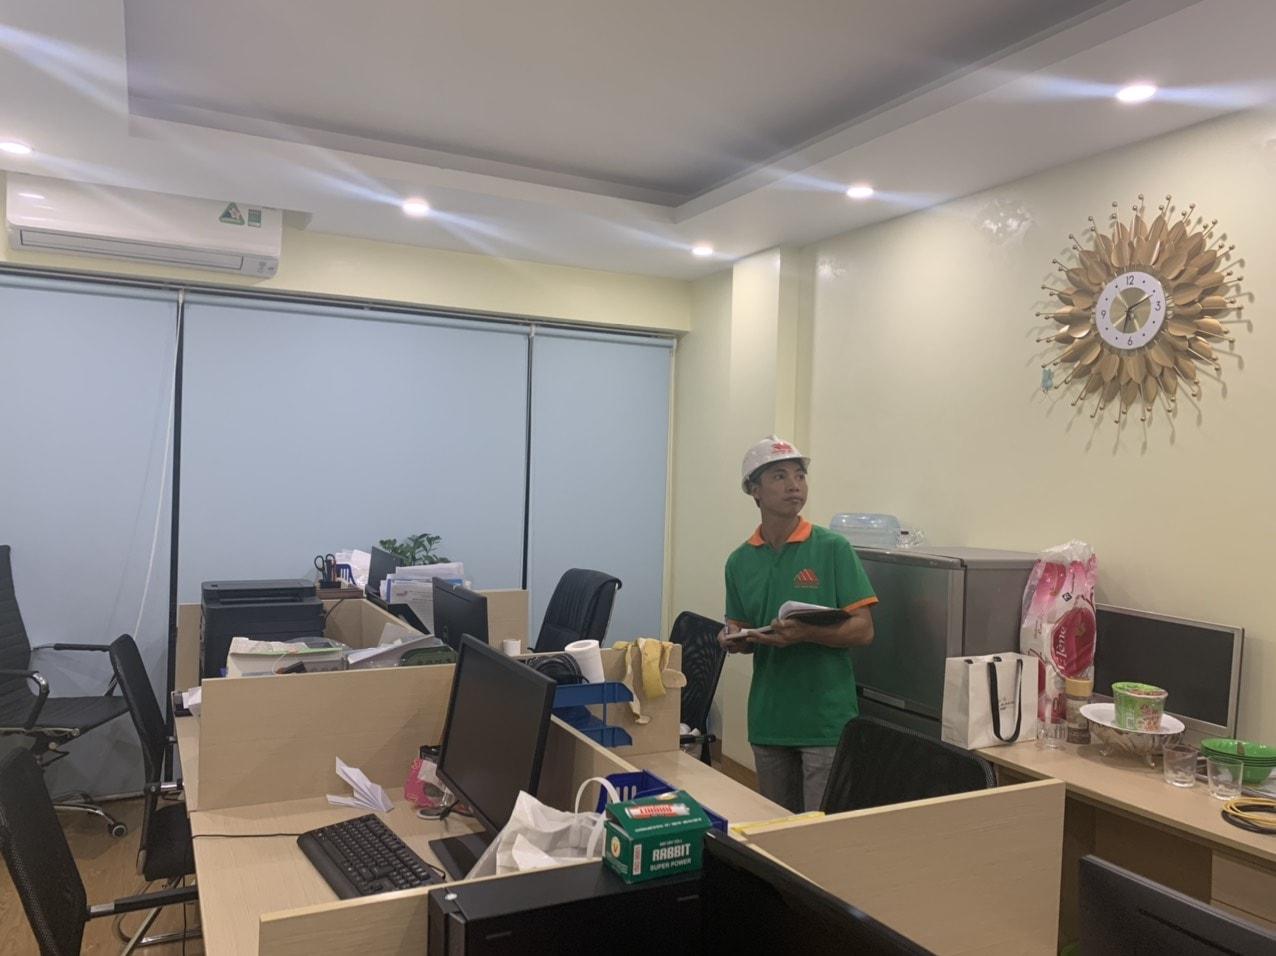 Dự án xây nhà trọn gói cho bác phương tại Định công, Hoàng Mai, Hà Nội-1